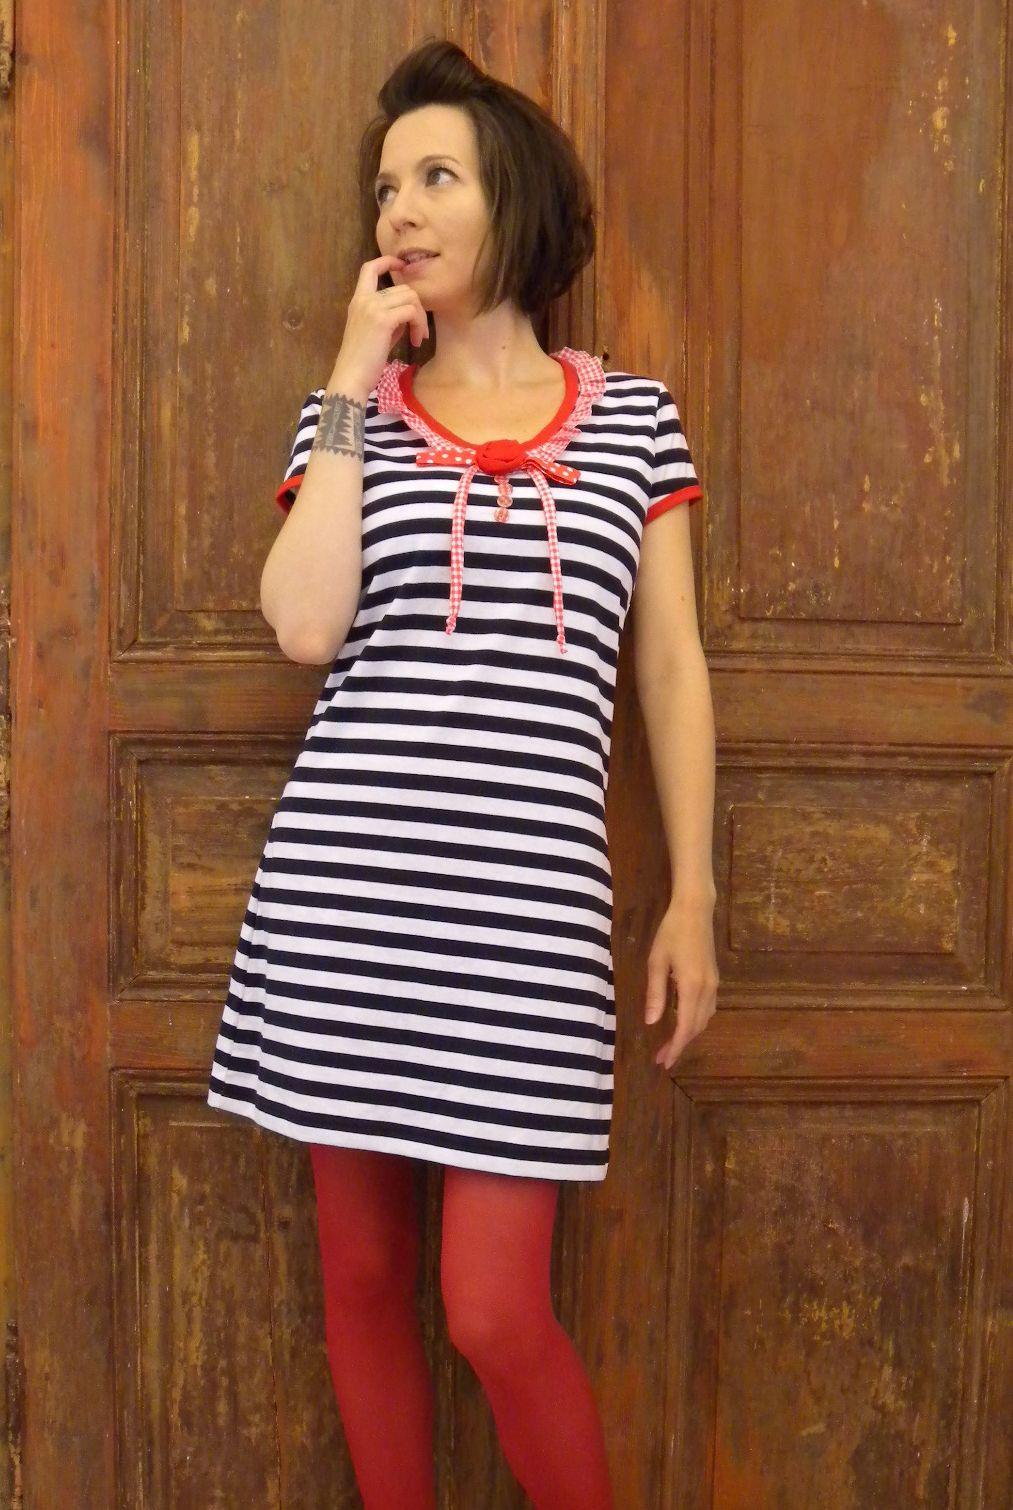 6c4f53db68b2 Rocksbilly styl šaty   Zboží prodejce La Romantica